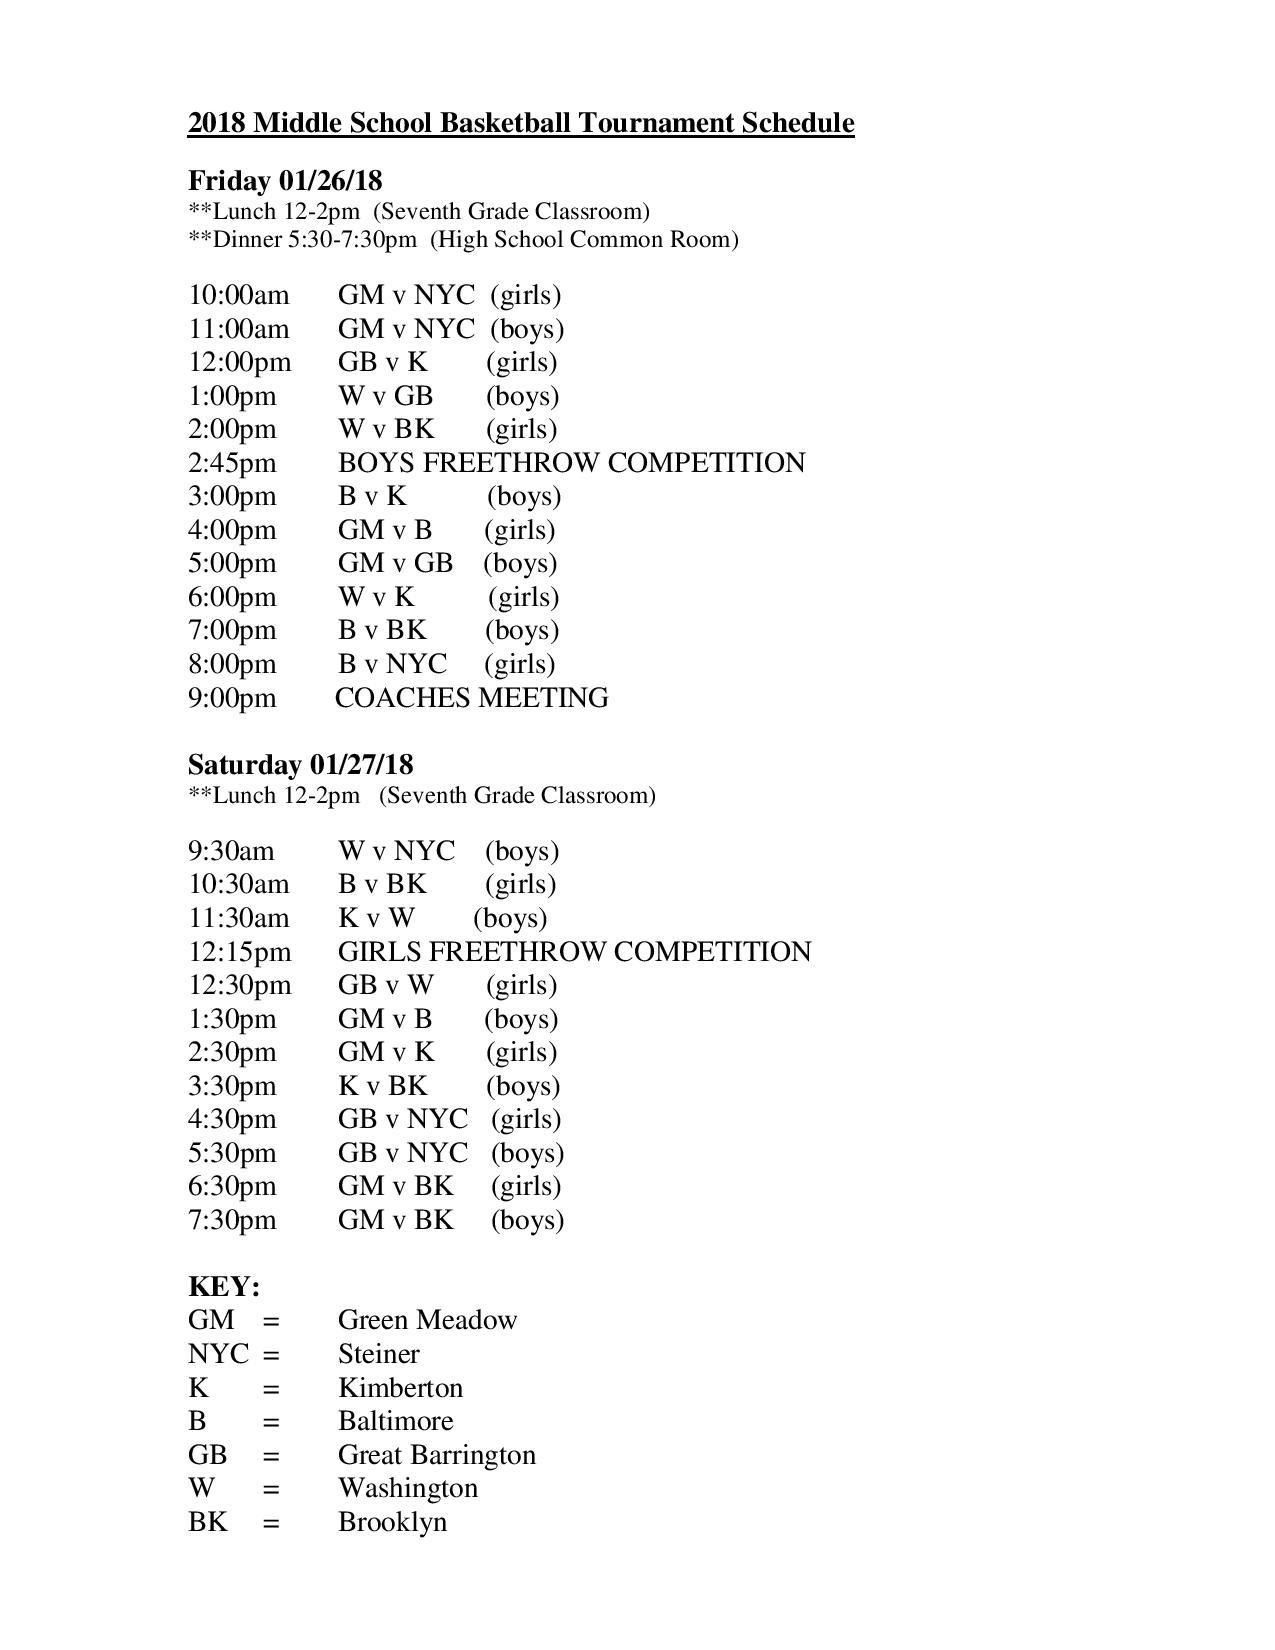 Friendship Games 2018 Final Schedule -page-001 (1).jpg